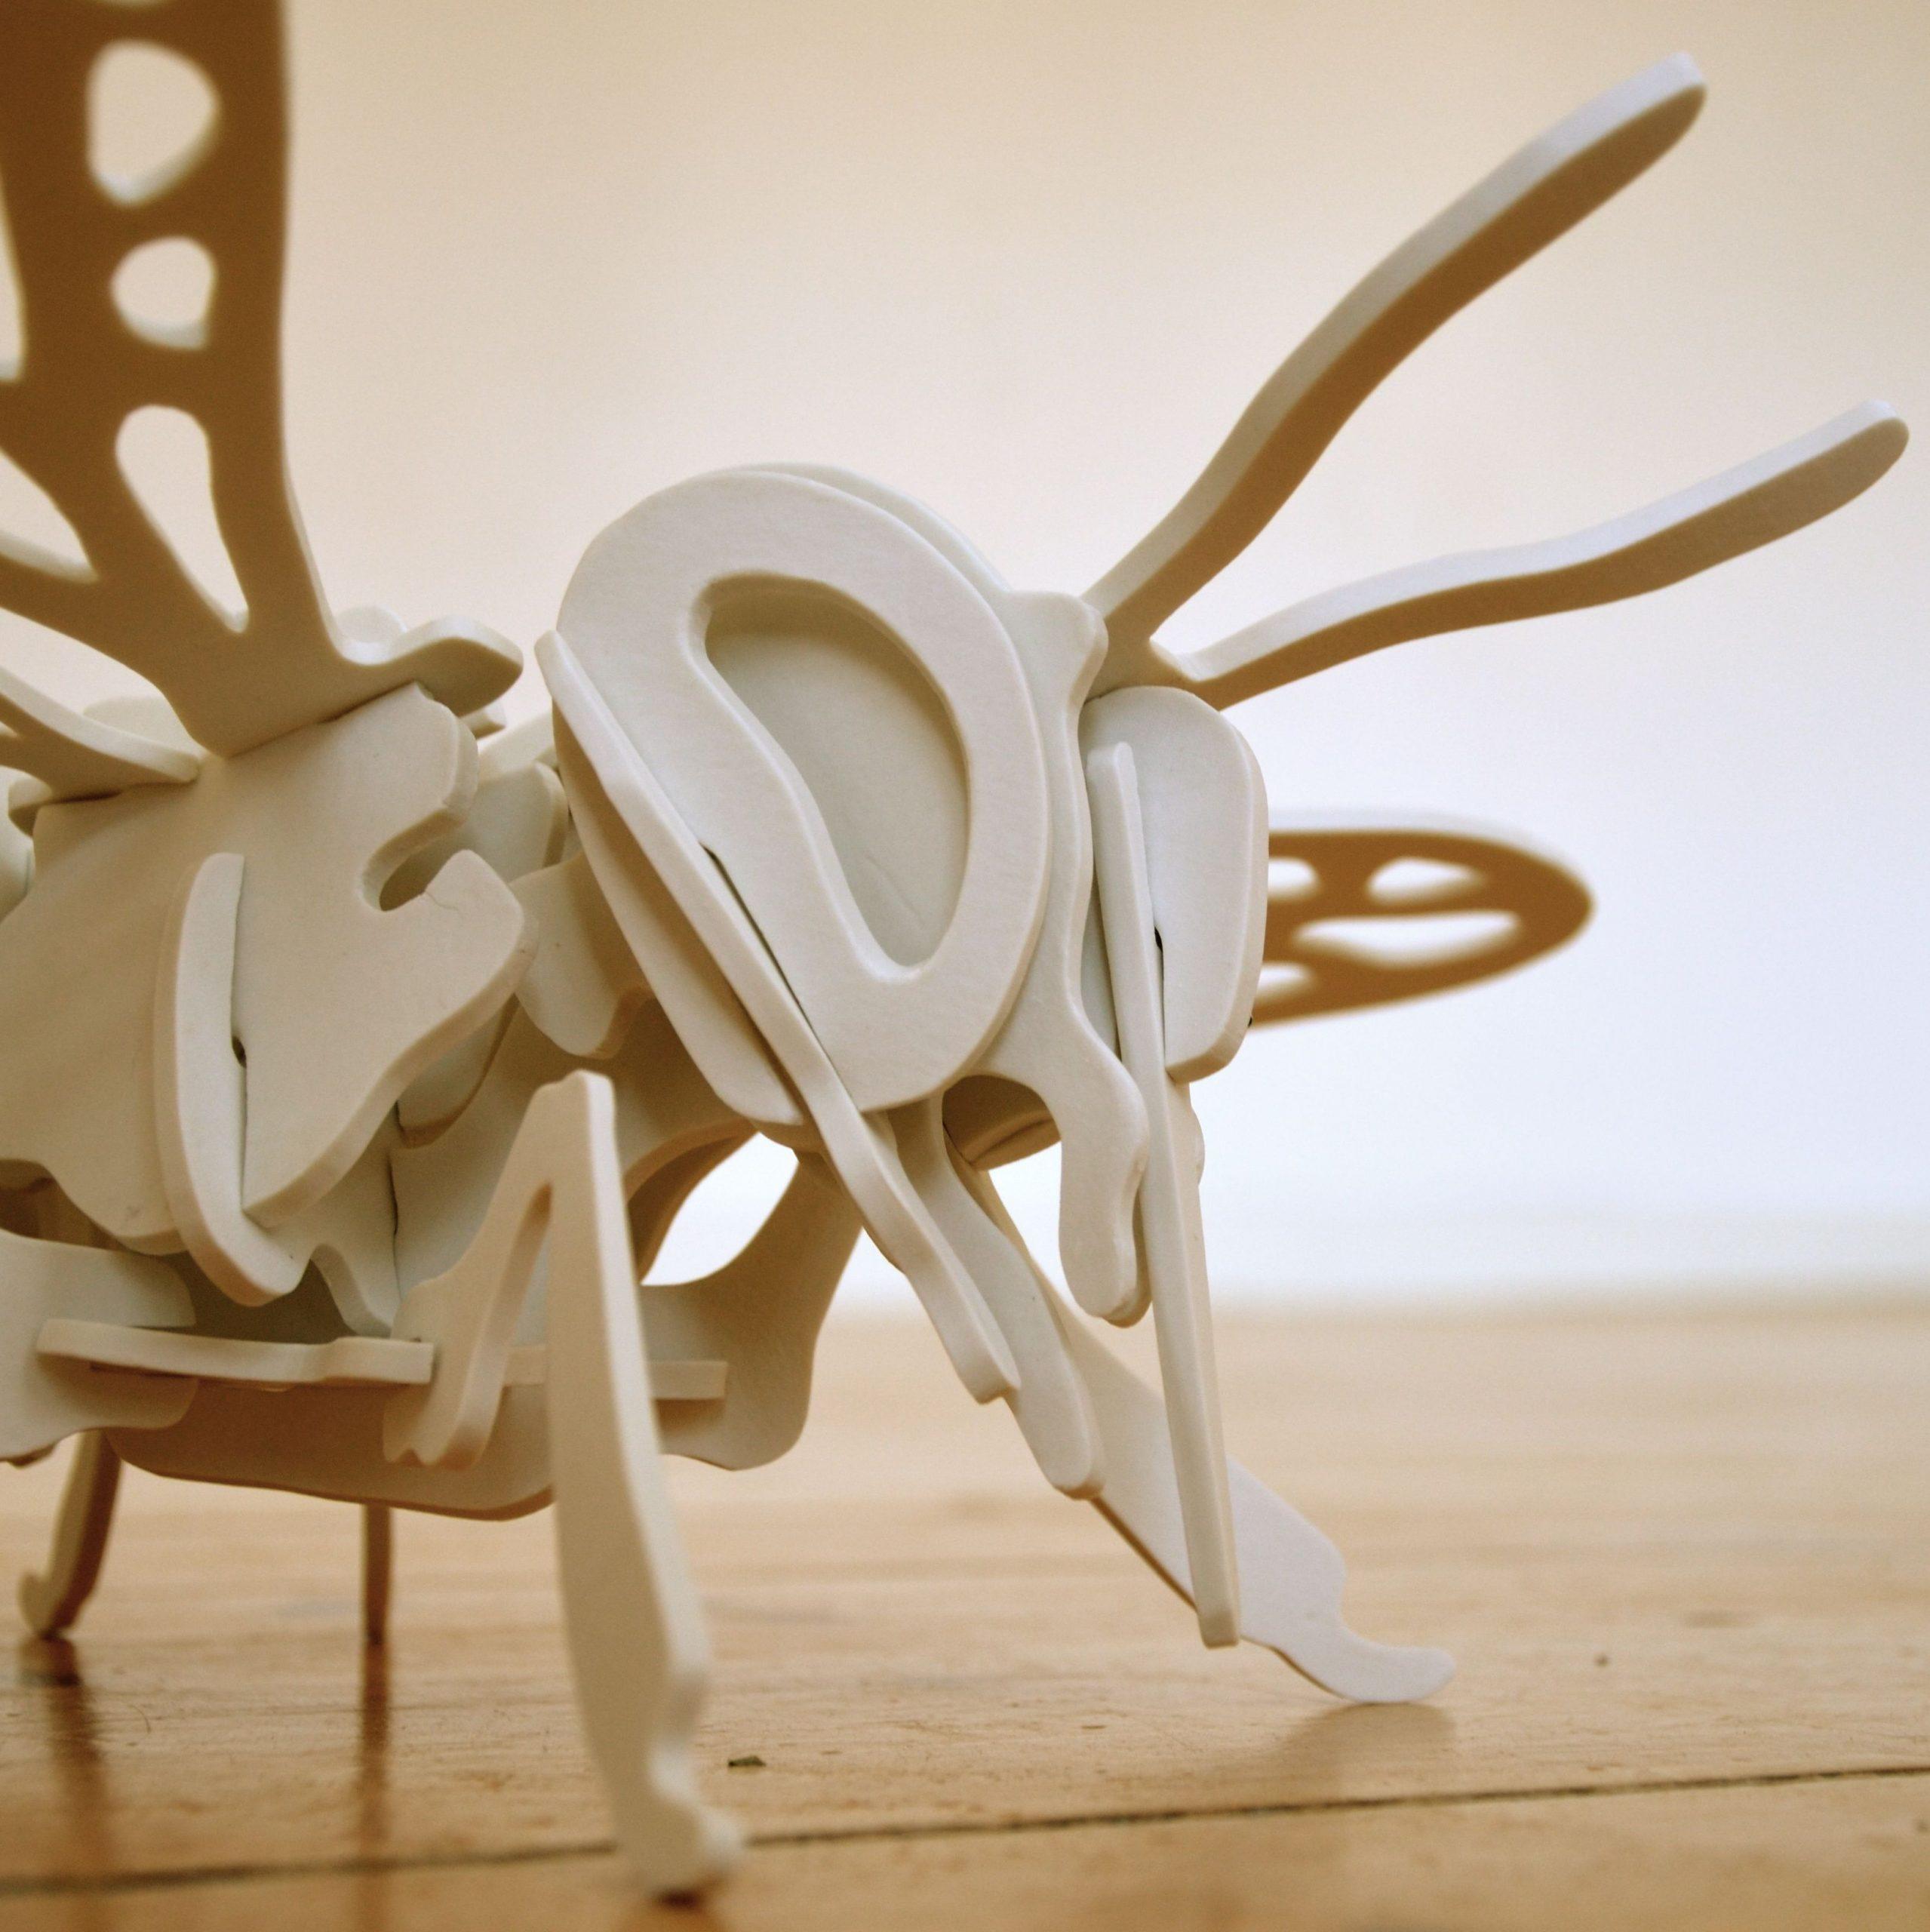 Regine Bruhn eine Hummel aus dem Jahre 2012, © Regine Bruhn